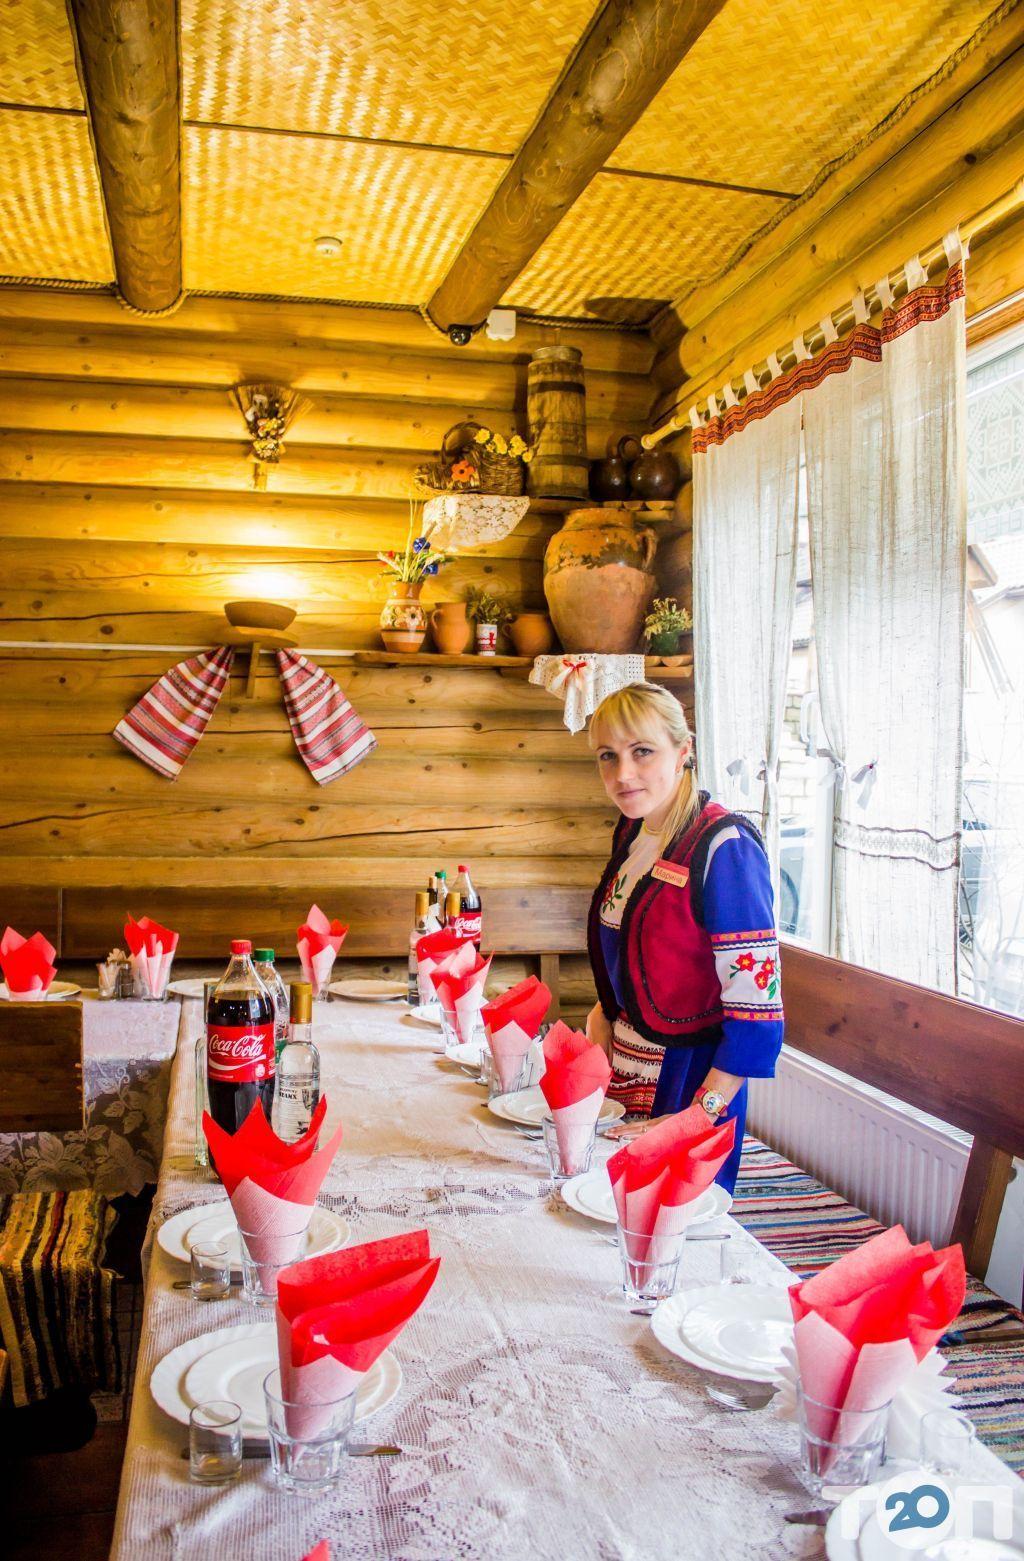 Солоха, ресторан української кухні - фото 11